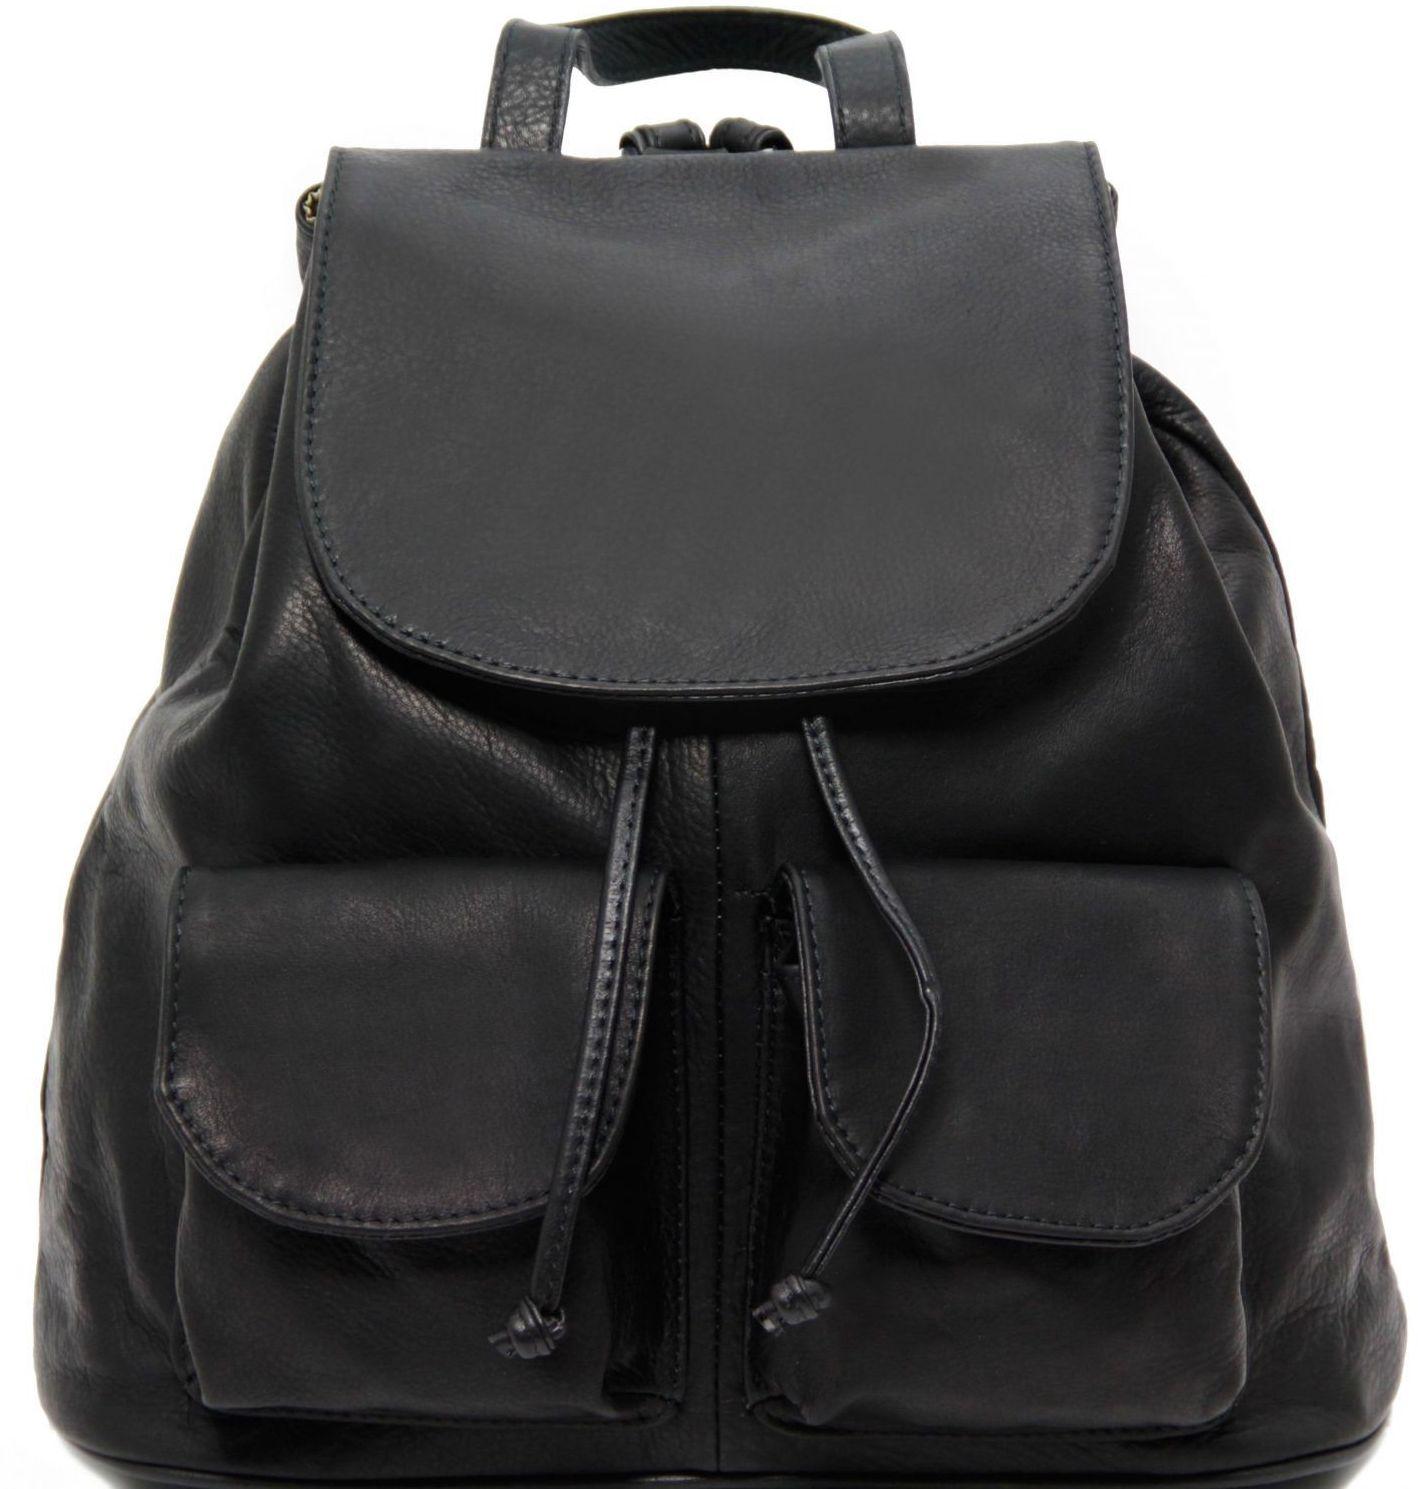 Γυναικεία Τσάντα Δερμάτινη Seoul L Μαύρο Tuscany Leather γυναίκα   τσάντες πλάτης